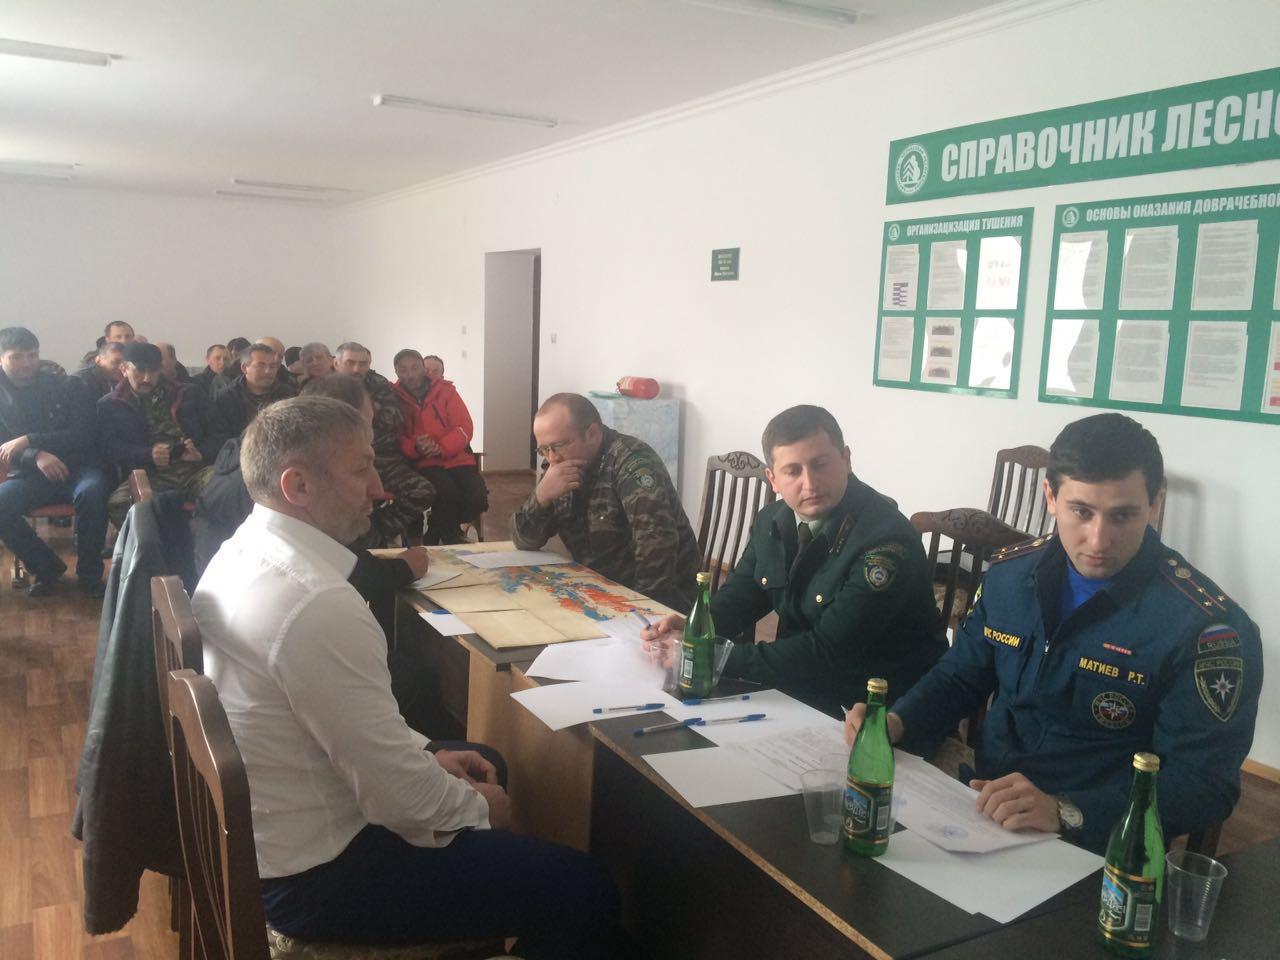 Фото: Пресс-служба МЧС по КЧР